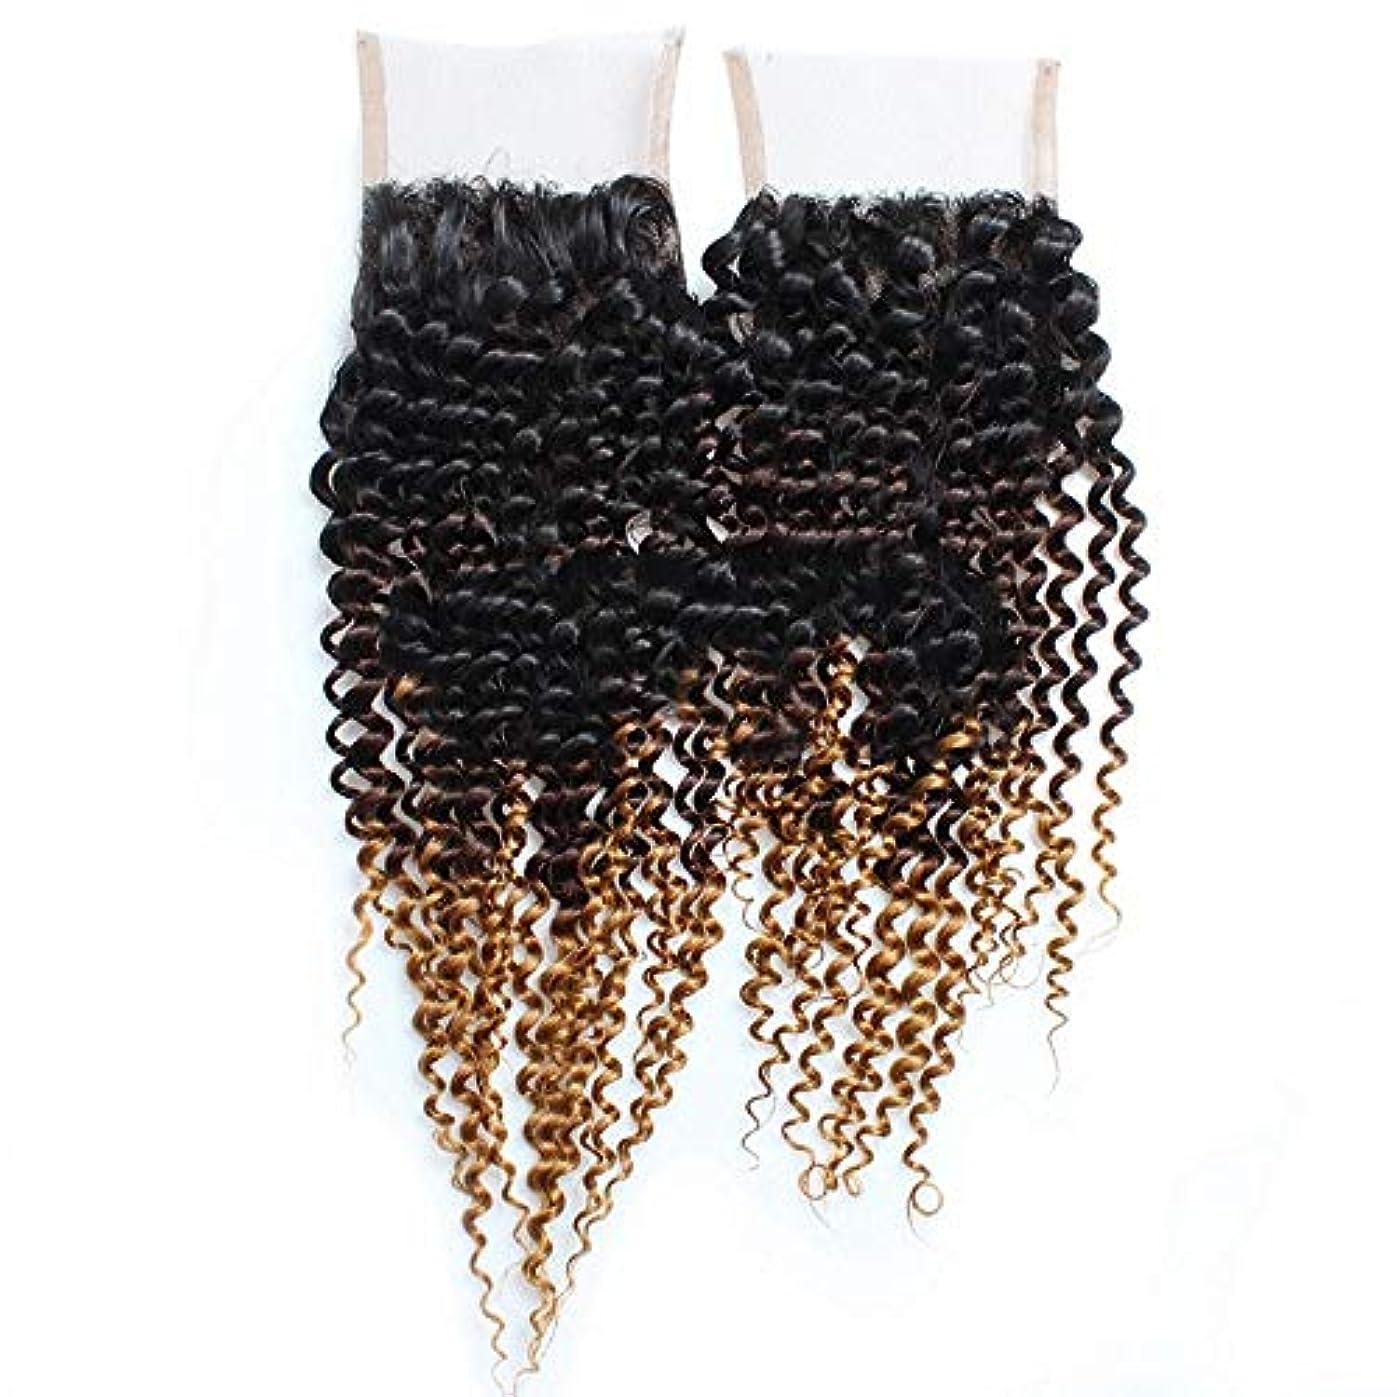 ブランチ掃除確実HOHYLLYA 4×4レース前頭閉鎖黒からブロンドの3トーンカラー9A人間の髪の毛自然に見える合成髪レースかつらロールプレイングかつら長くて短い女性自然 (色 : ブラウン, サイズ : 12 inch)